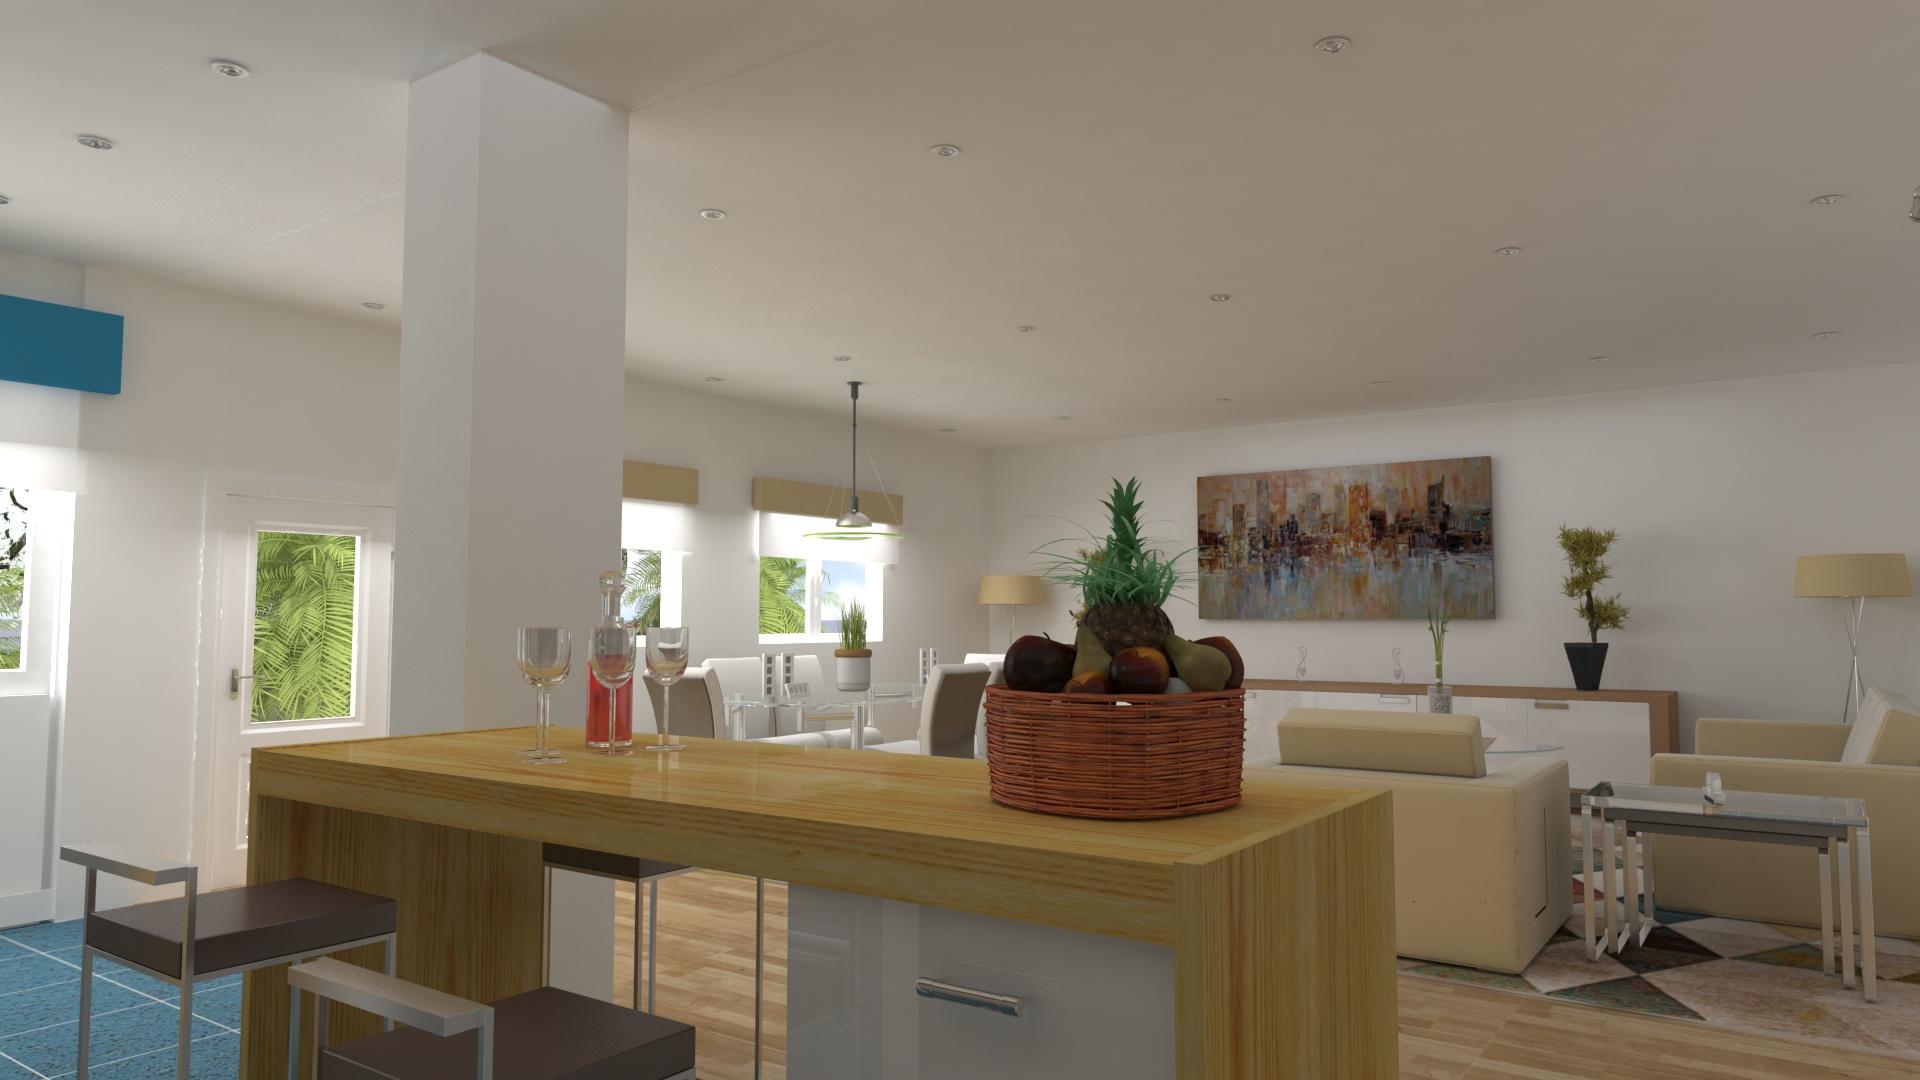 Open space salón - comedor - cocina